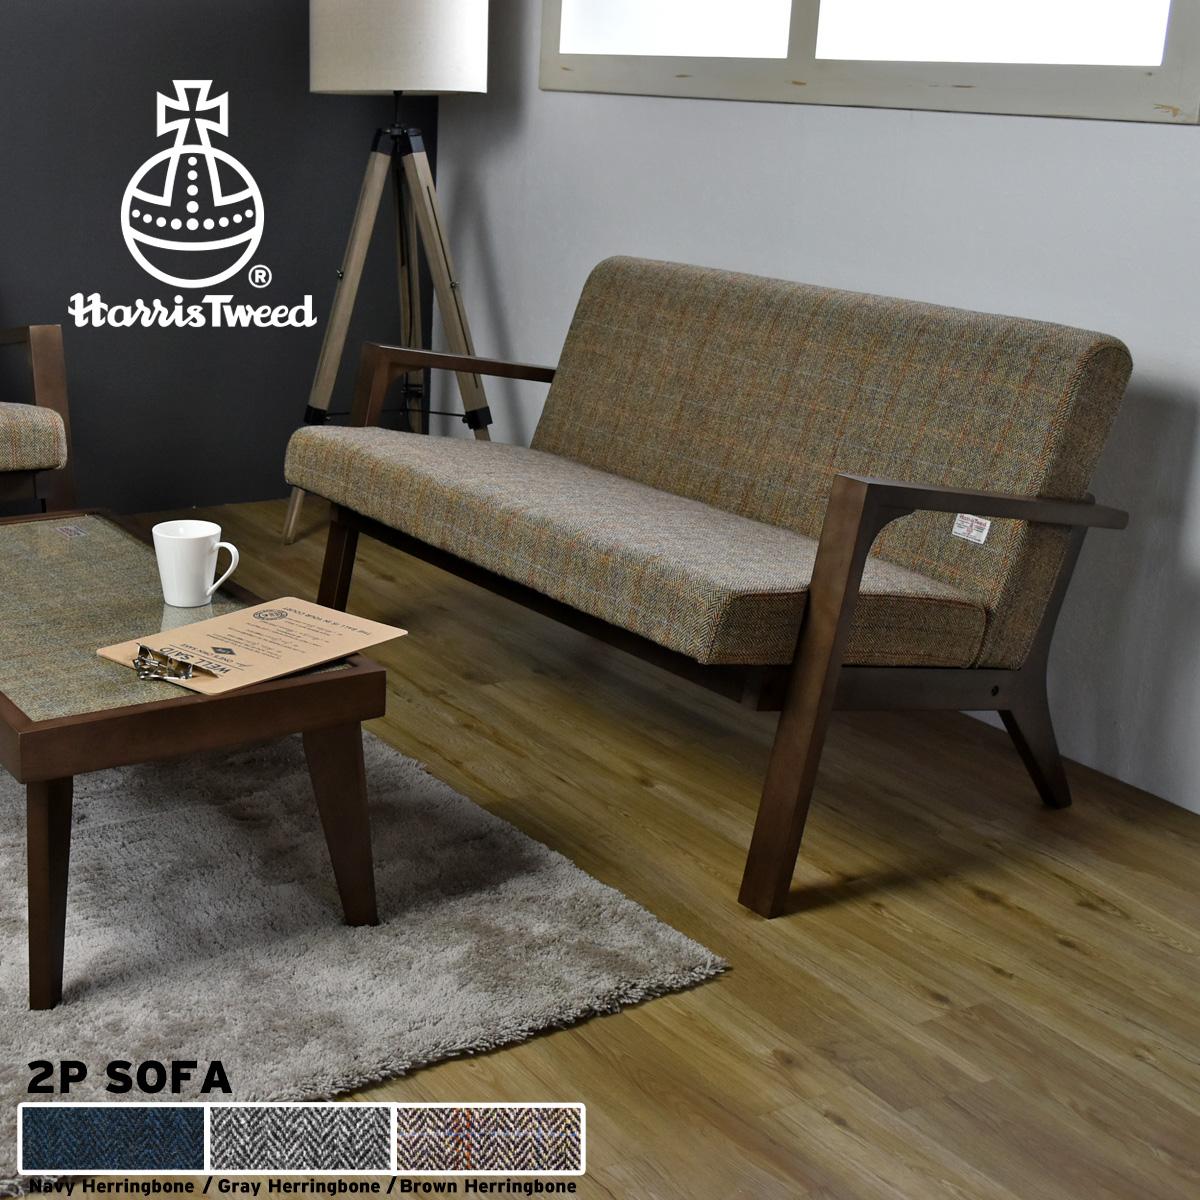 送料無料 2Pソファー 2人掛け リビング 二人掛け ローソファ 北欧 ハリスツイード おしゃれ かわいい イギリス 英国 北欧 ウール コンパクト フロアソファ いす 椅子 チェアー